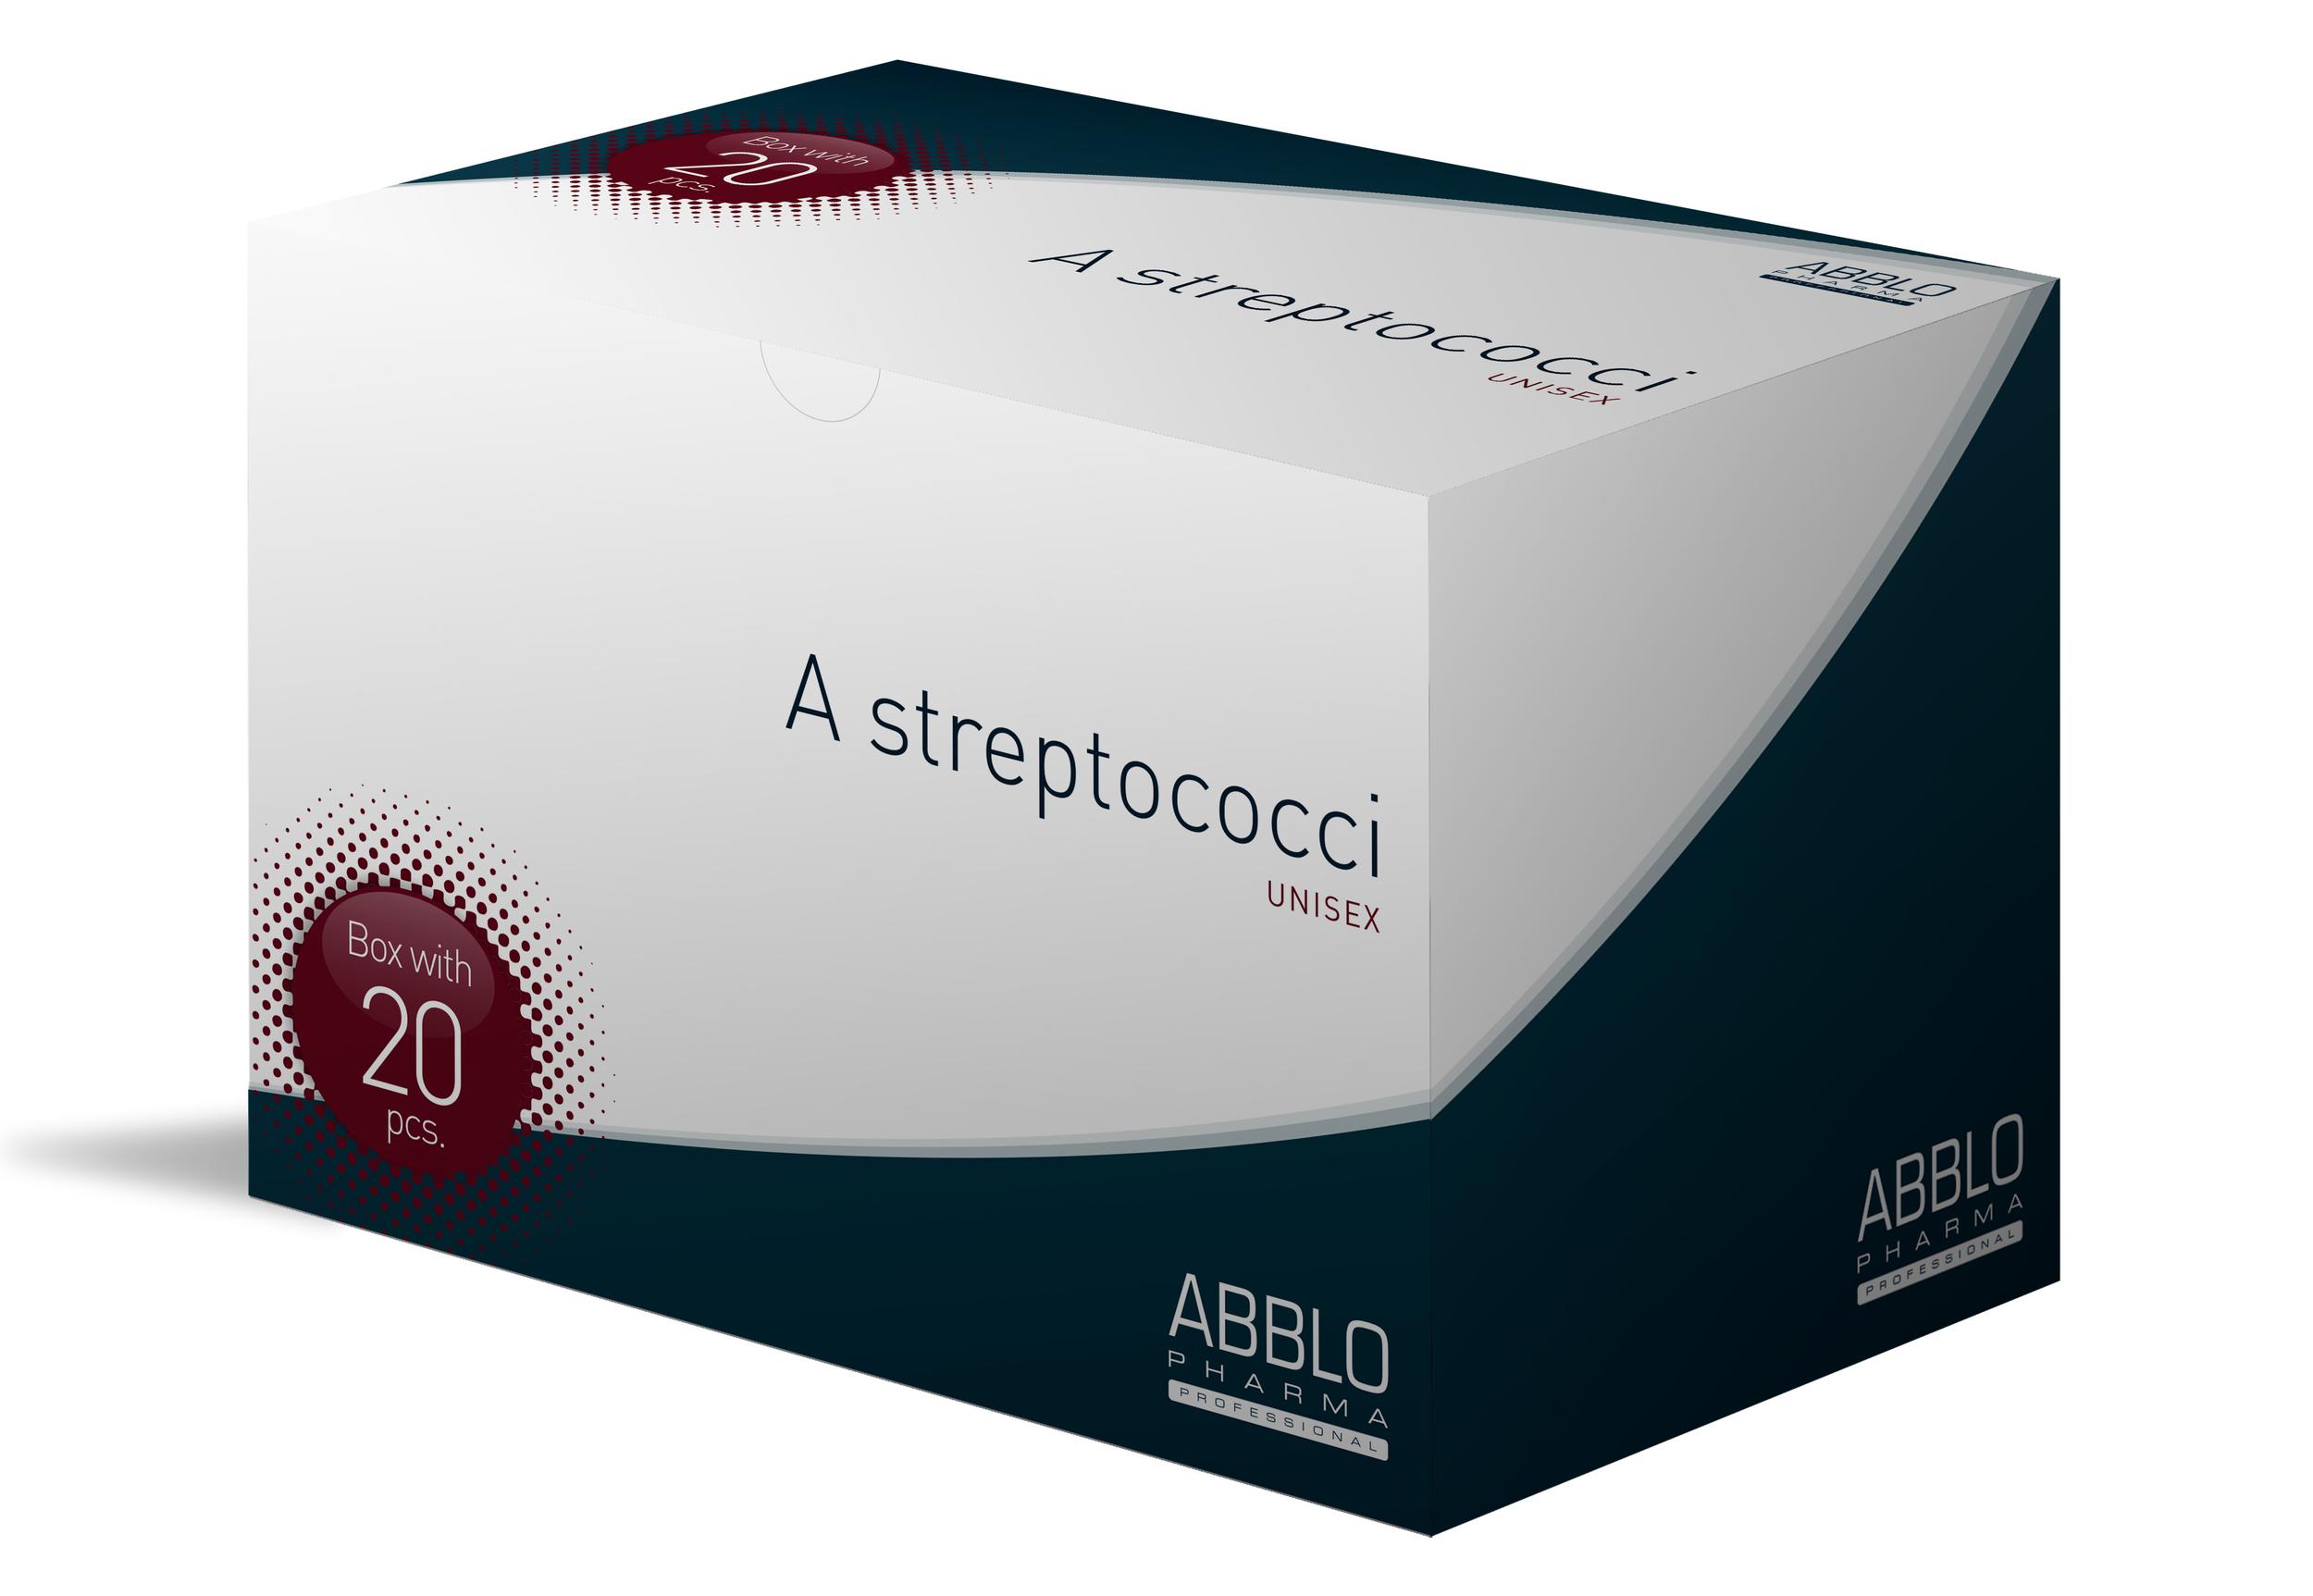 ABBLO_Pharma_Professionals_A_Streptococci